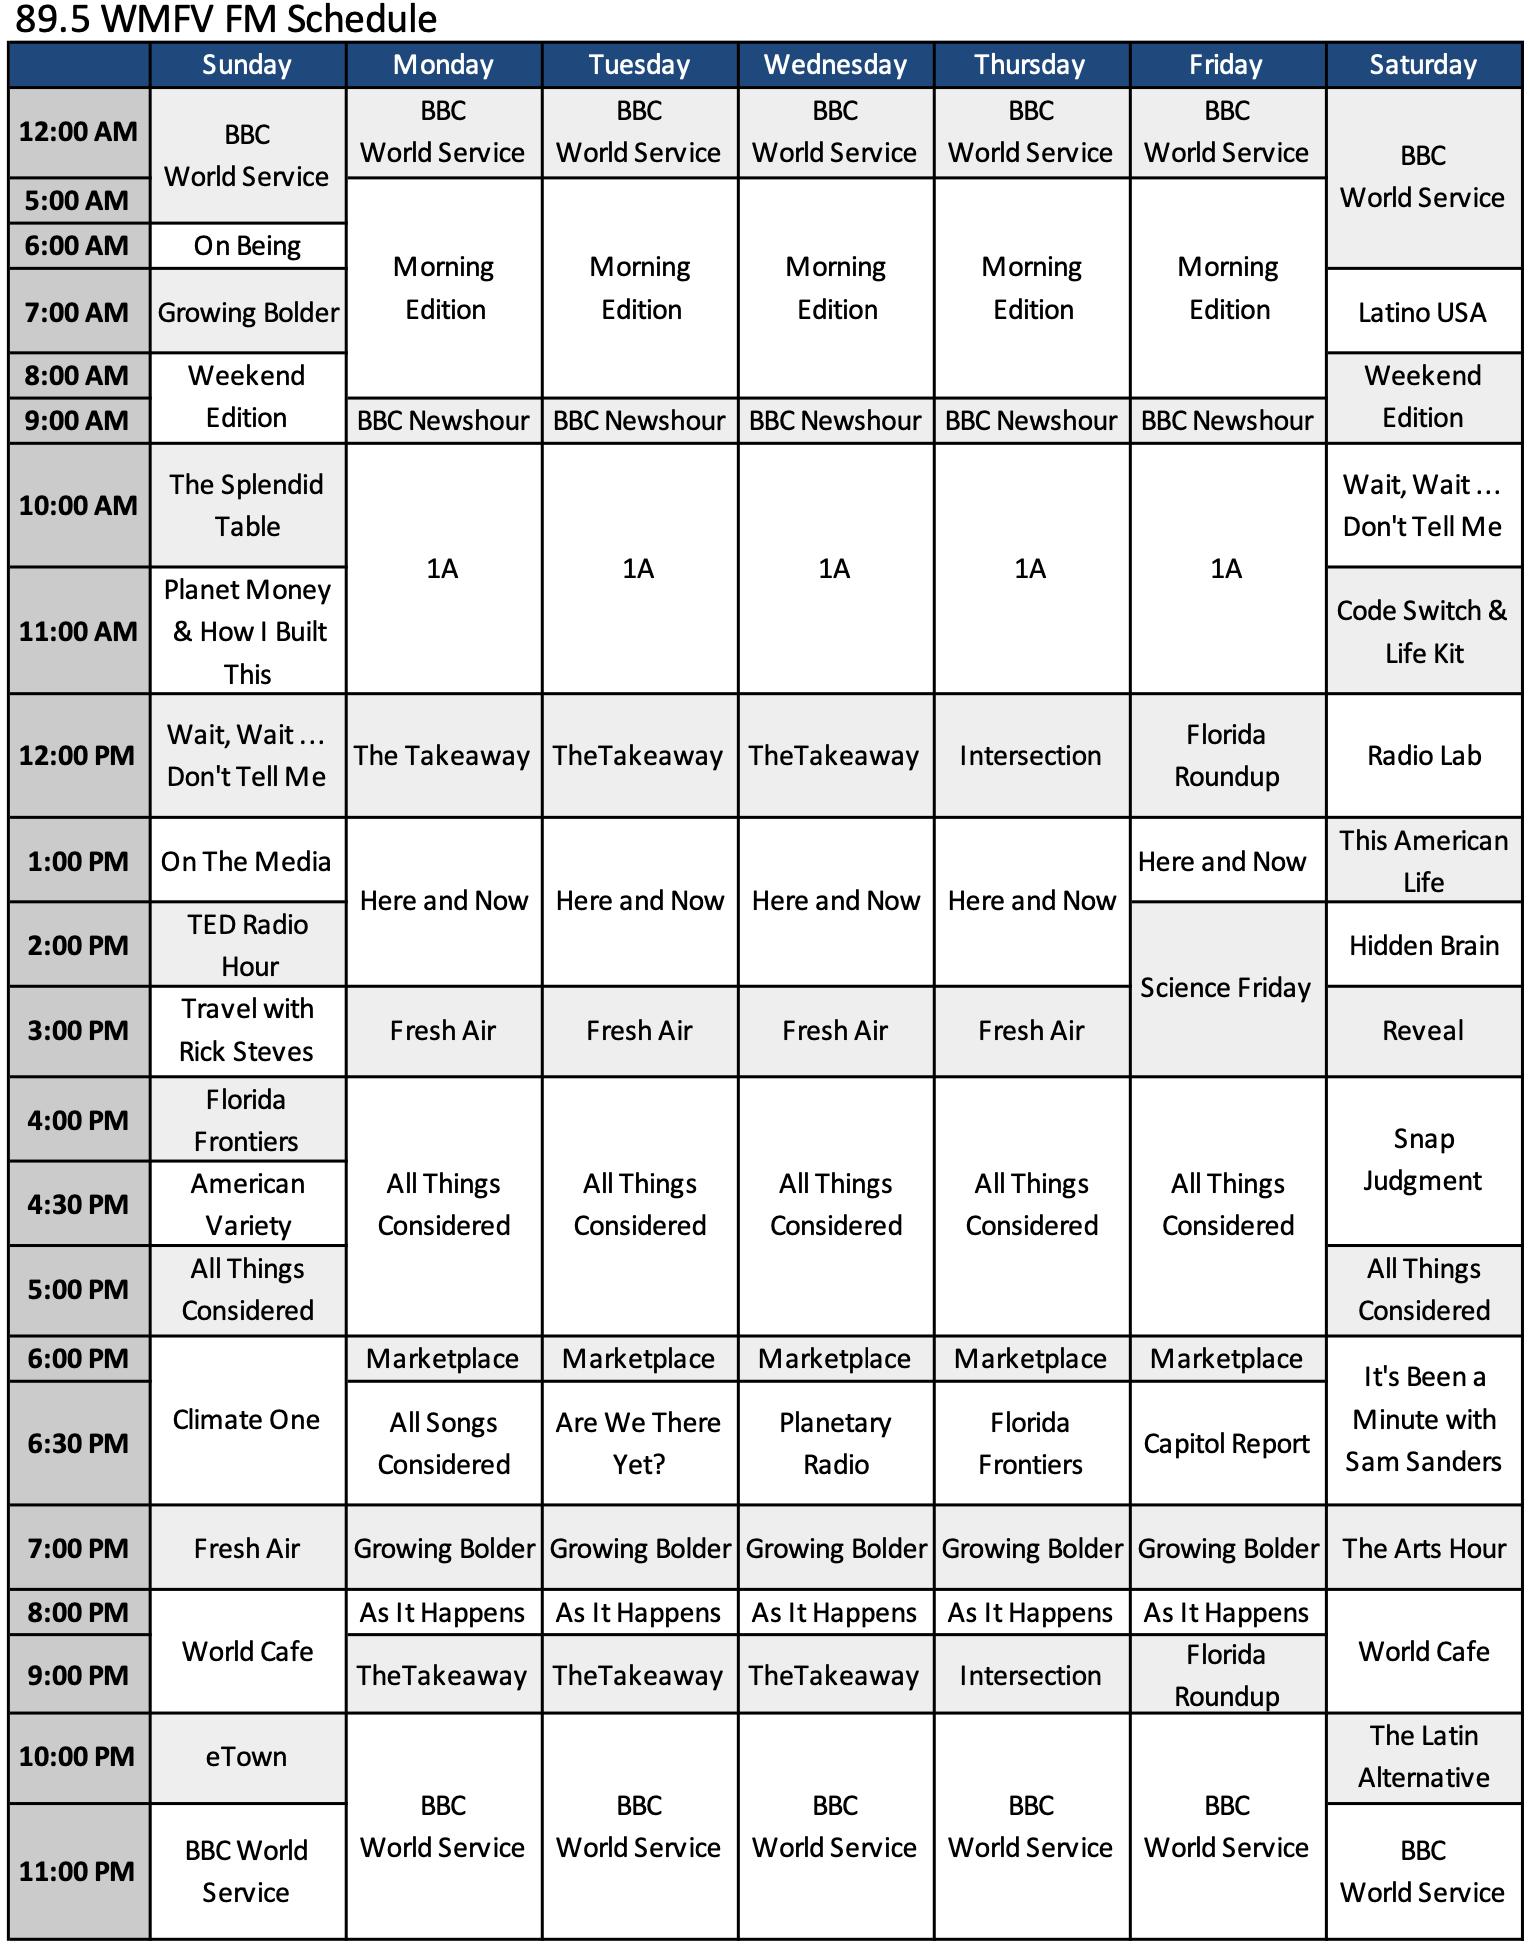 89.5 WMFV FM Schedule